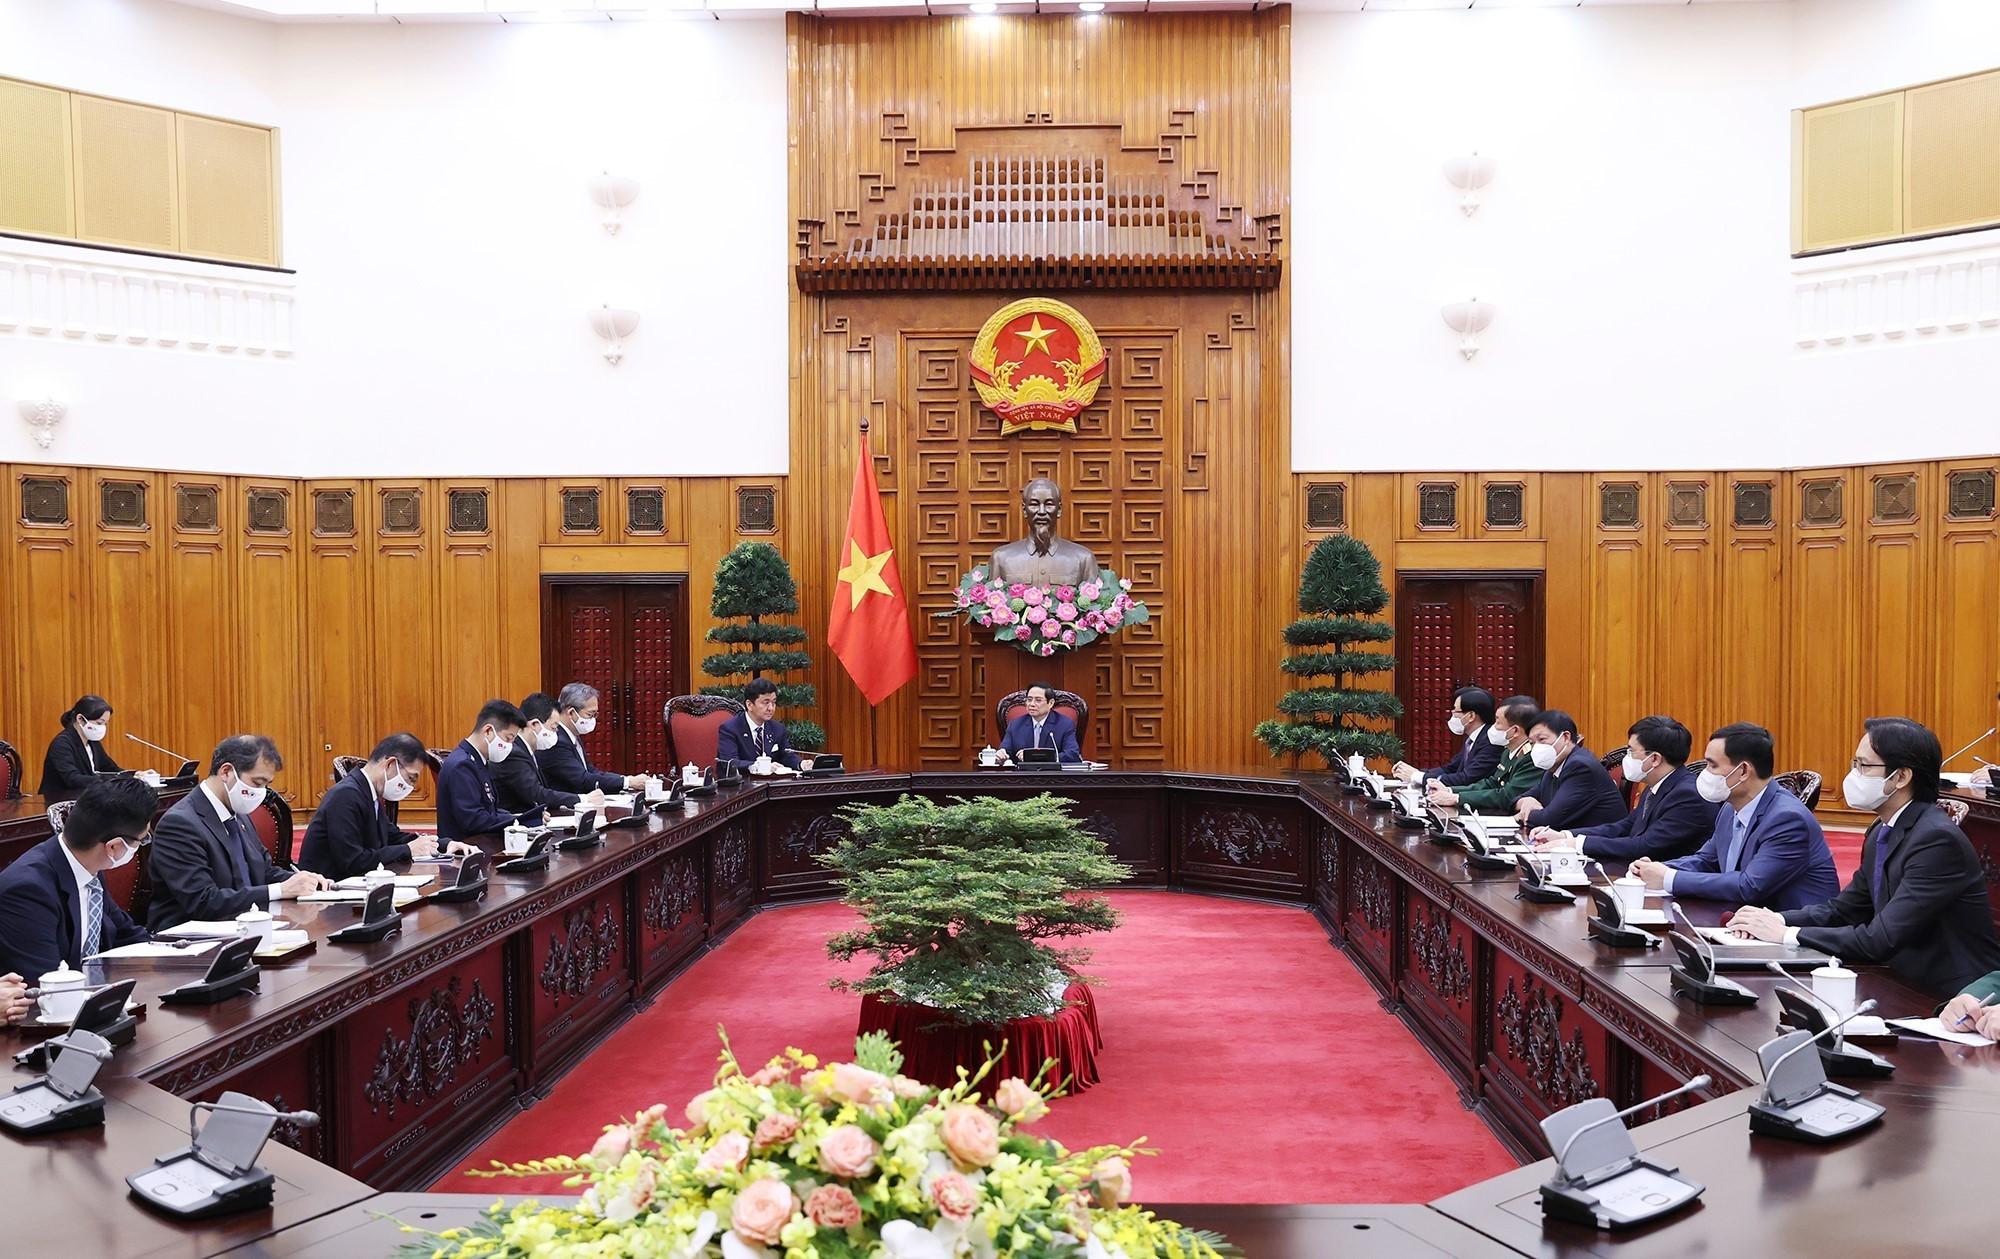 Thủ tướng cảm ơn Nhật Bản đã hỗ trợ Việt Nam hơn 3 triệu liều vaccine COVID-19 - Ảnh 2.